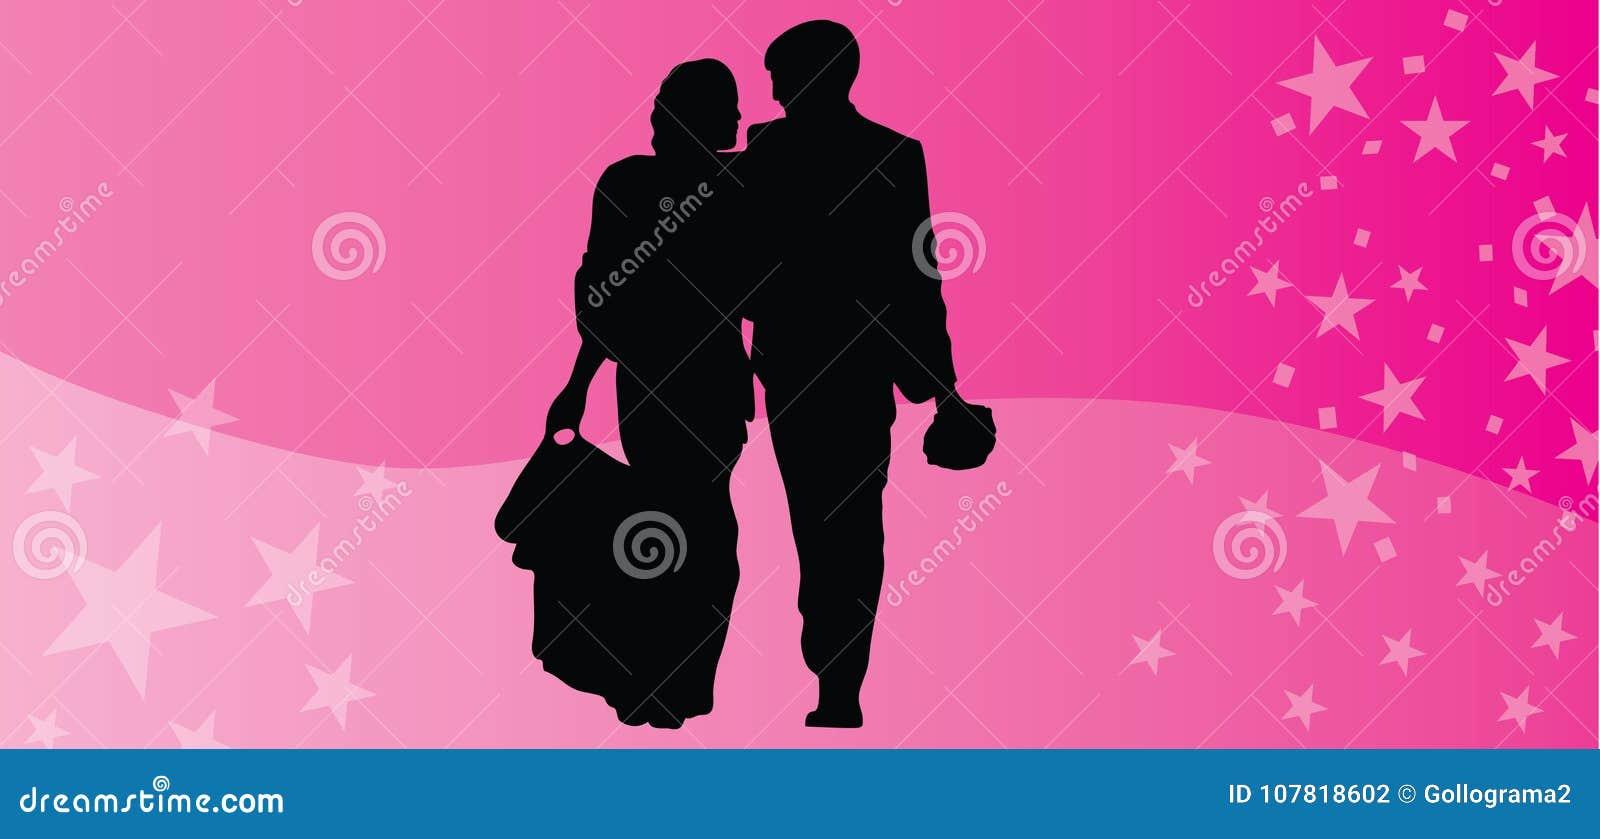 Los pares felices del vector del día de tarjetas del día de San Valentín siluetean el fondo rosado